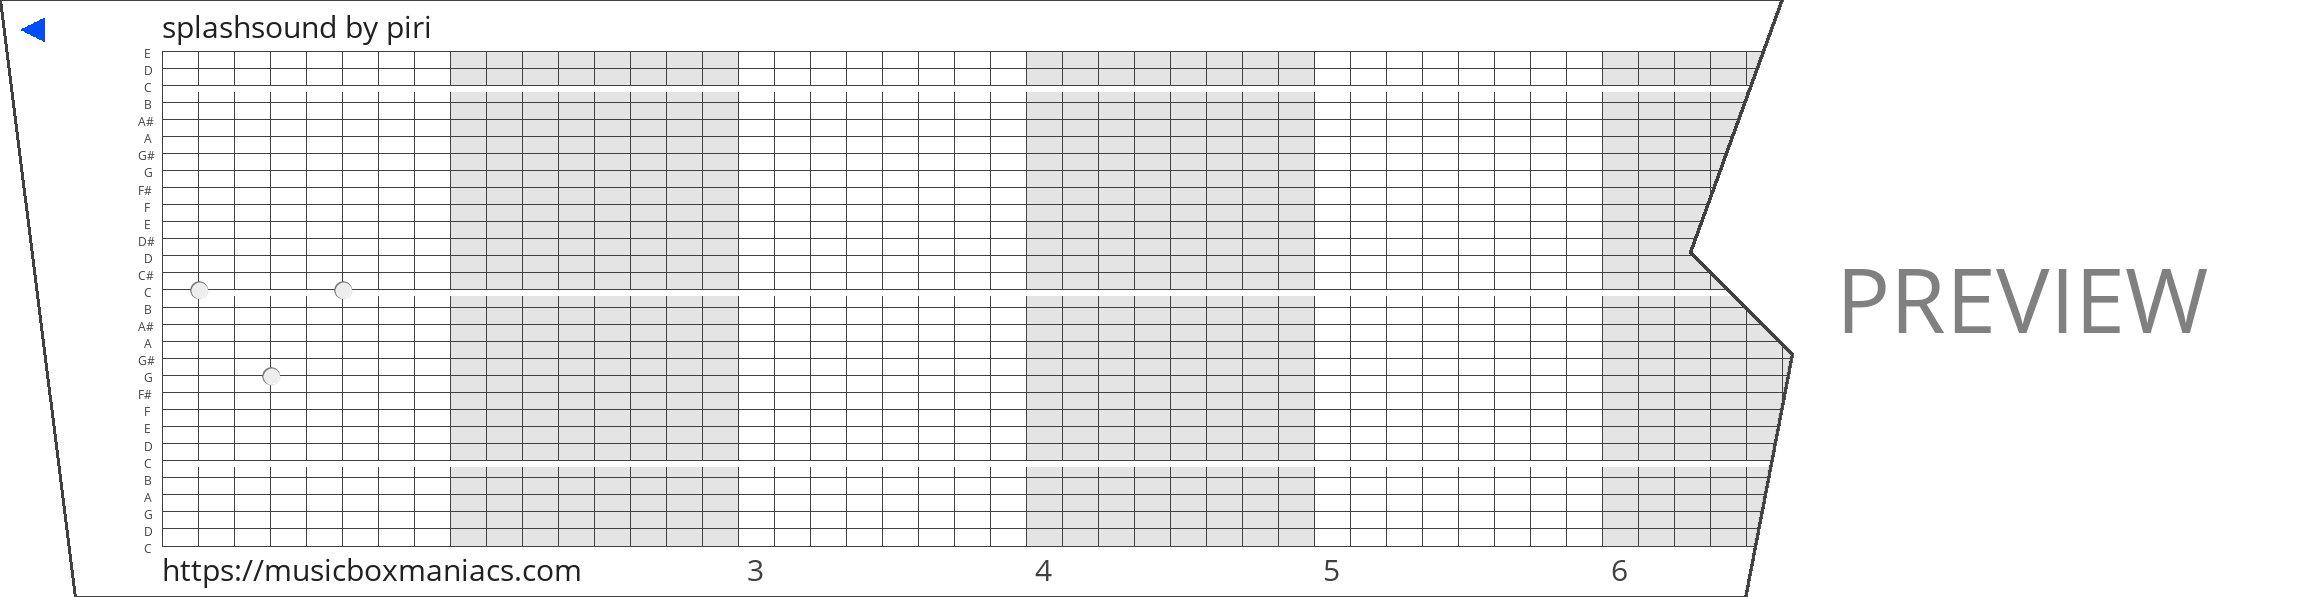 splashsound 30 note music box paper strip